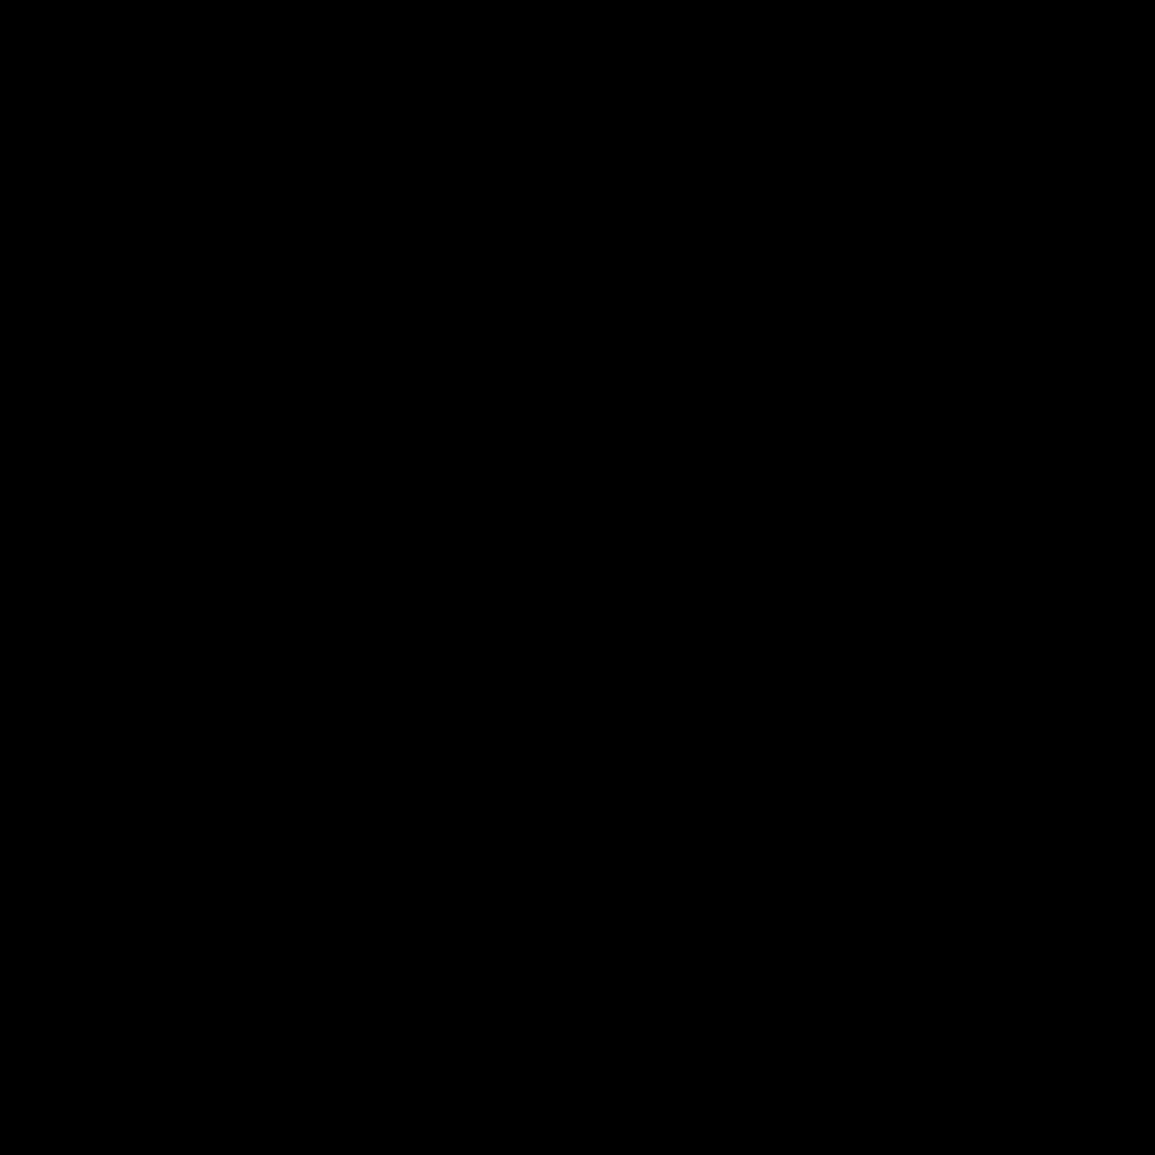 艶 L 大かな LTU-KL 字形見本